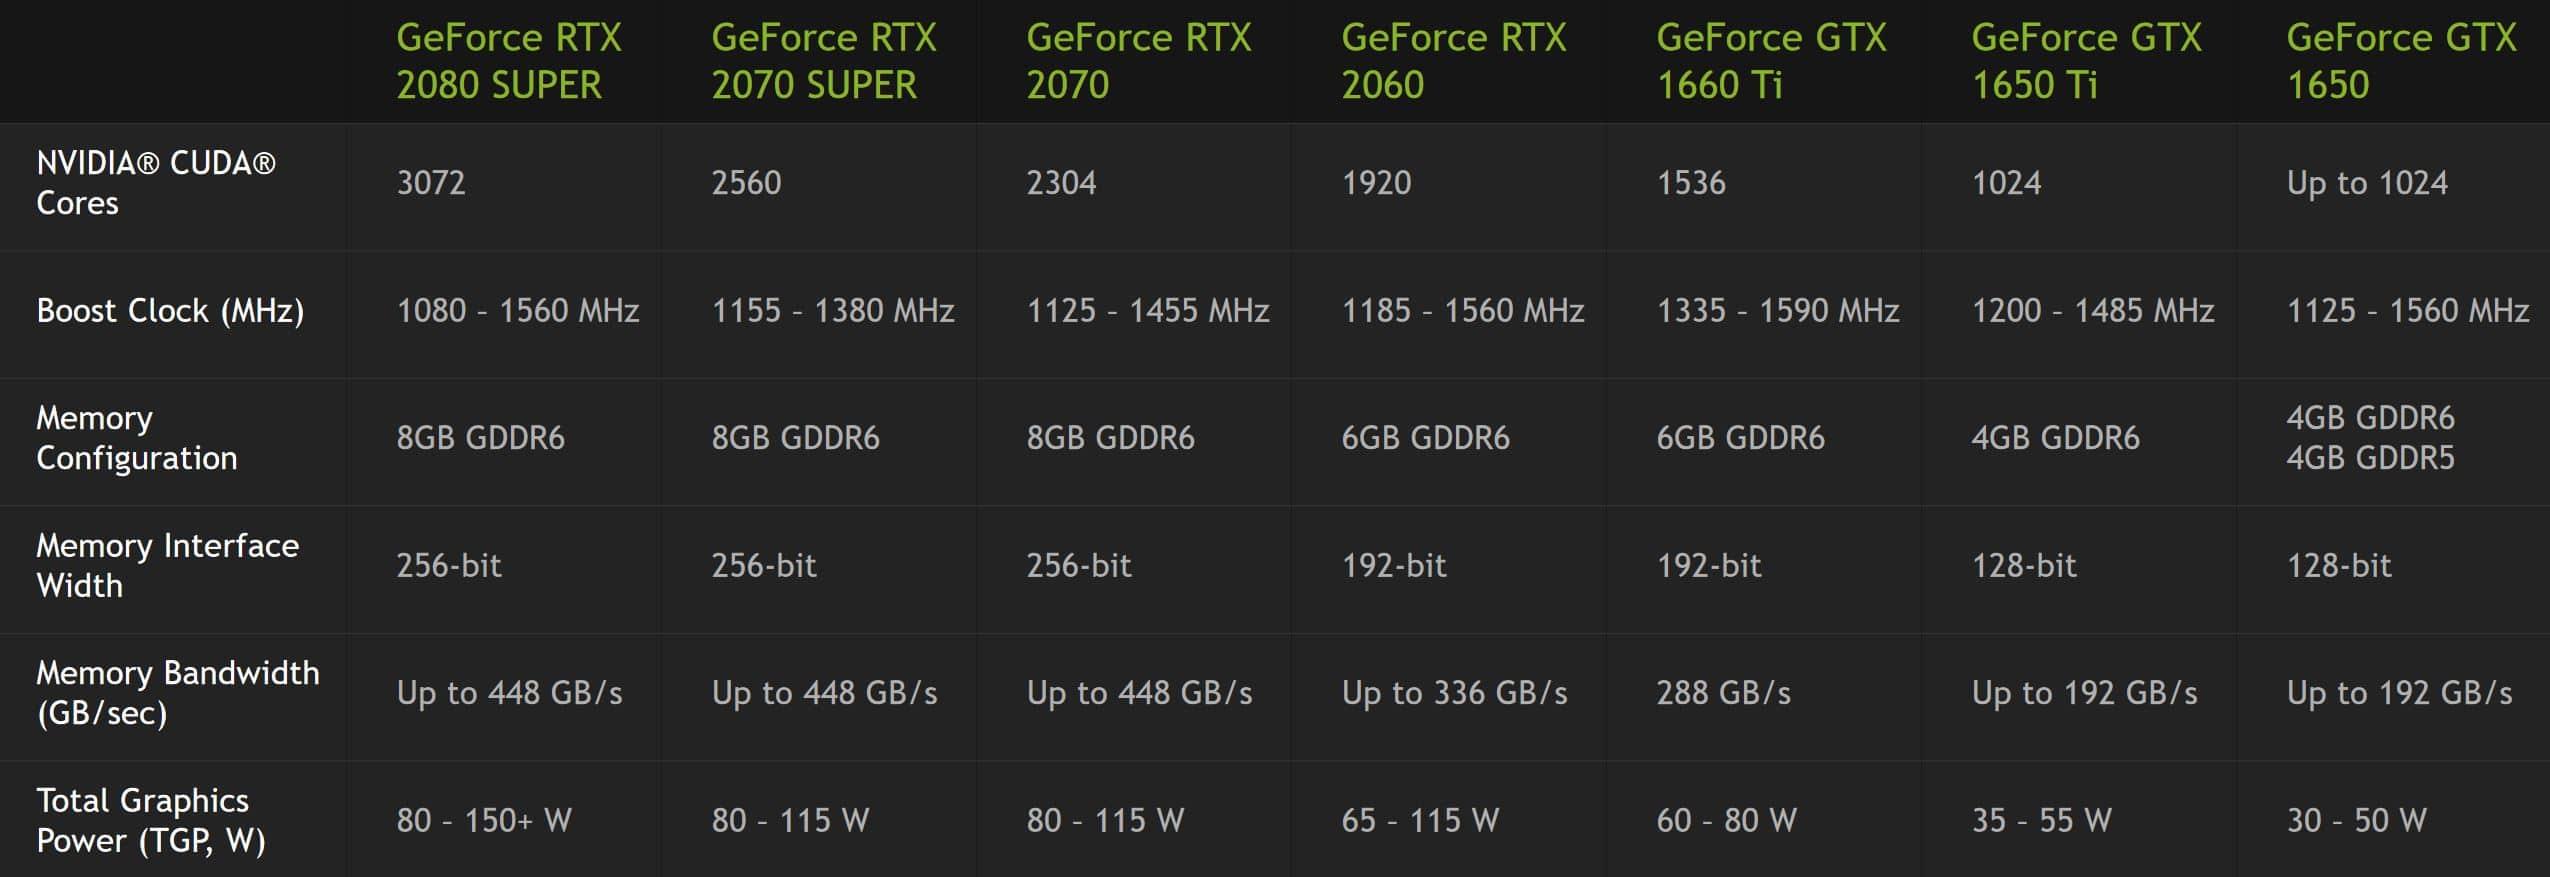 Spécifications RTX 2070 Super et RTX 2080 Super pour PC portable gamer